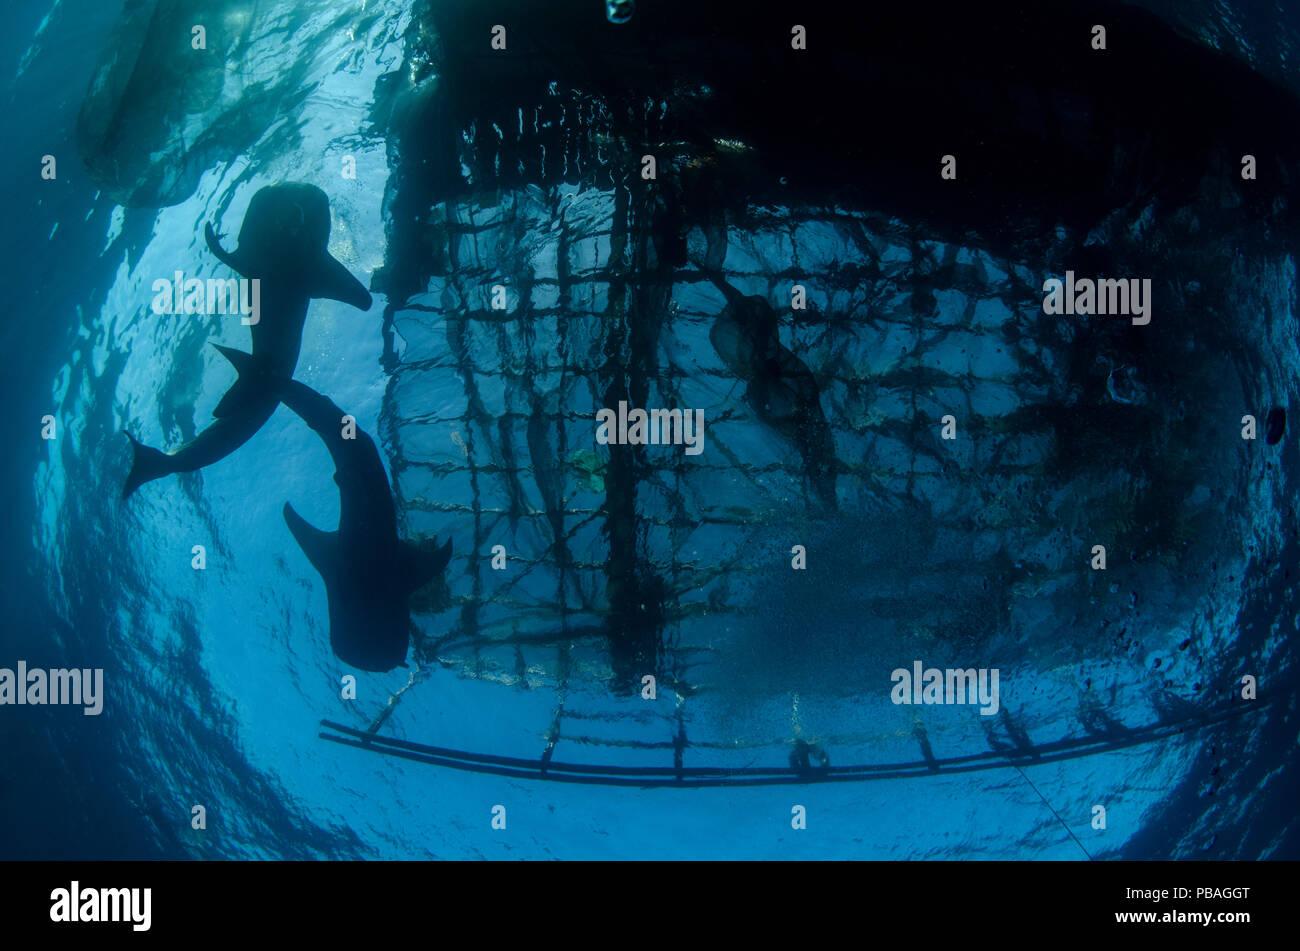 El tiburón ballena (Rhincodon typus) alimentándose en Bagan (flotante) Plataforma de pesca Bahía Cenderawasih, Papua Occidental, Indonesia. Los pescadores de bagan ver tiburones ballena como buena suerte y a menudo alimentarlos con carnada. Esto se está desarrollando ahora en un centro de atracción turística Imagen De Stock